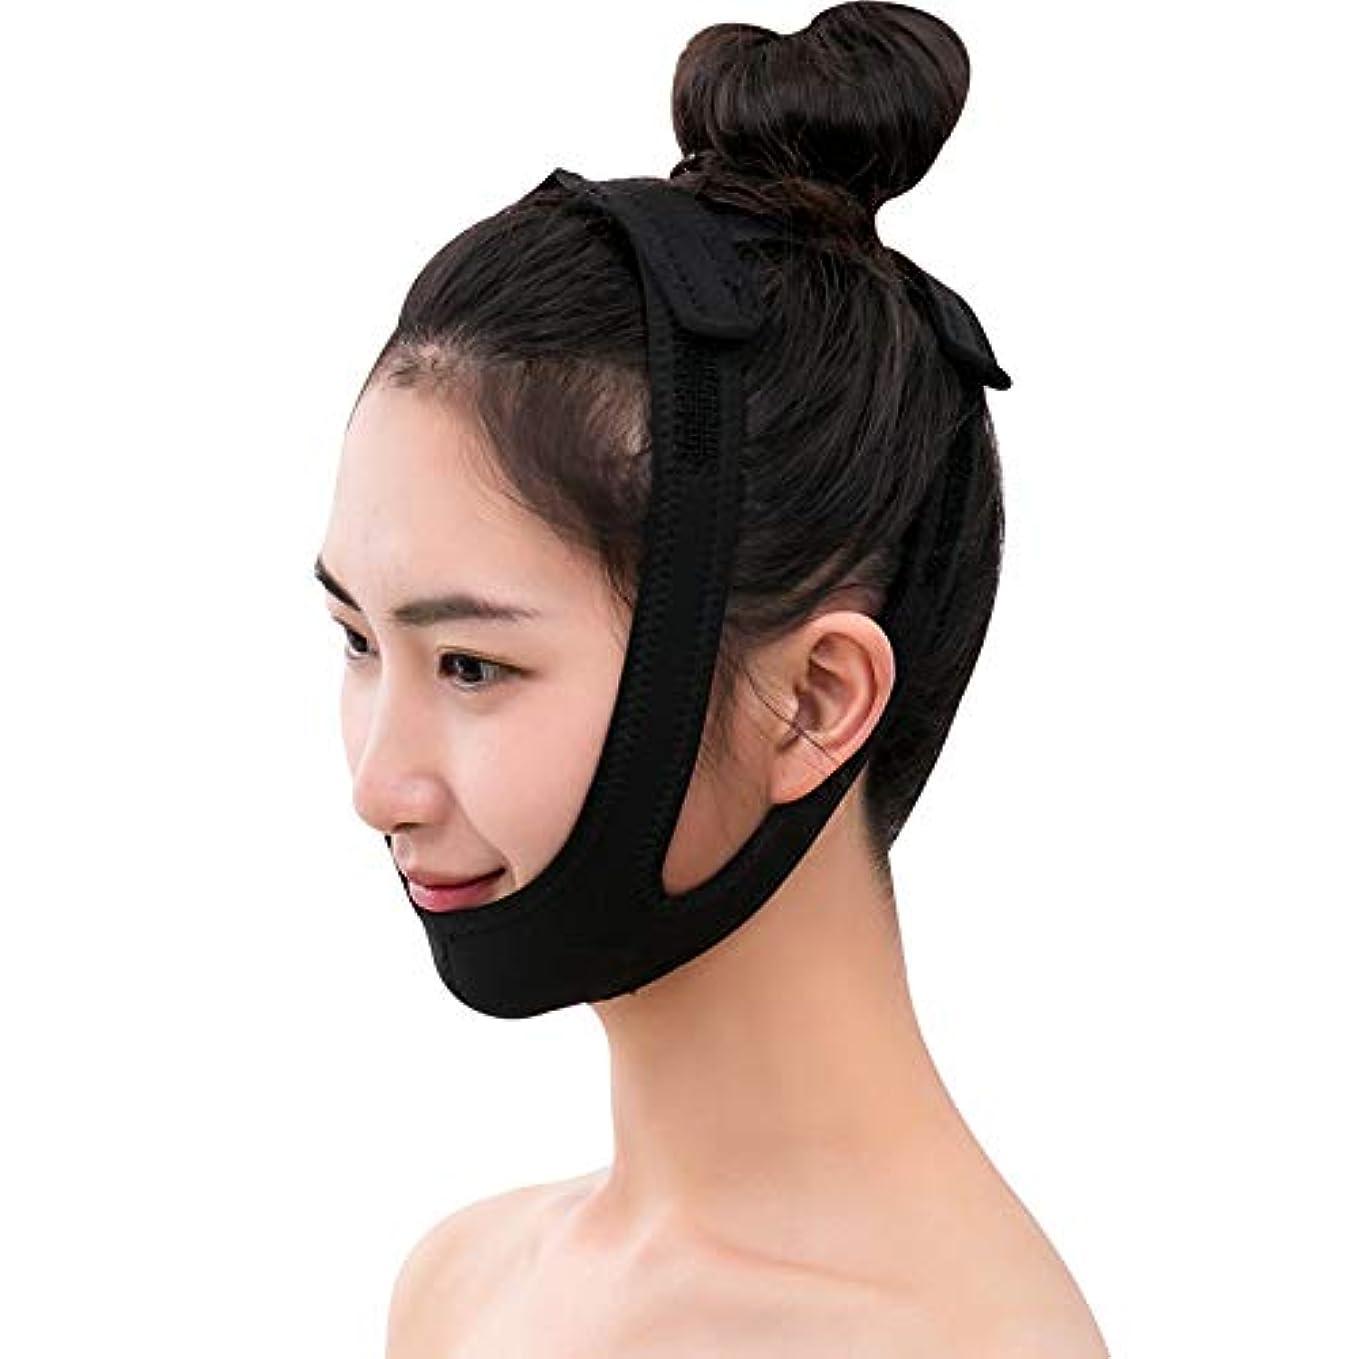 先のことを考える雲キャッチ薄いフェイスバンド - 薄い顔の包帯ビューティーインストゥルメントフェイシャルリフト睡眠マスク法Vフェイスマスクの通気性を作る 美しさ